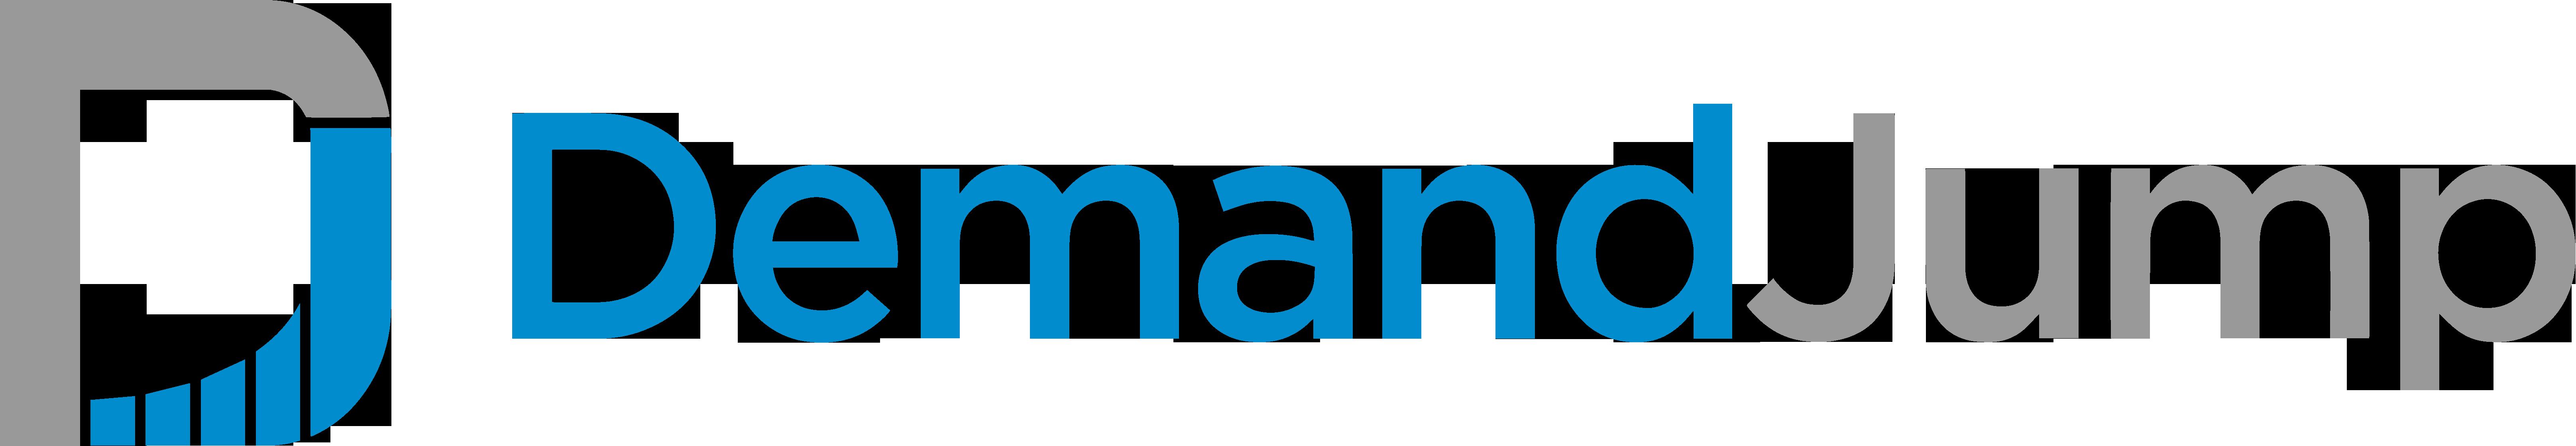 DemandJump logo